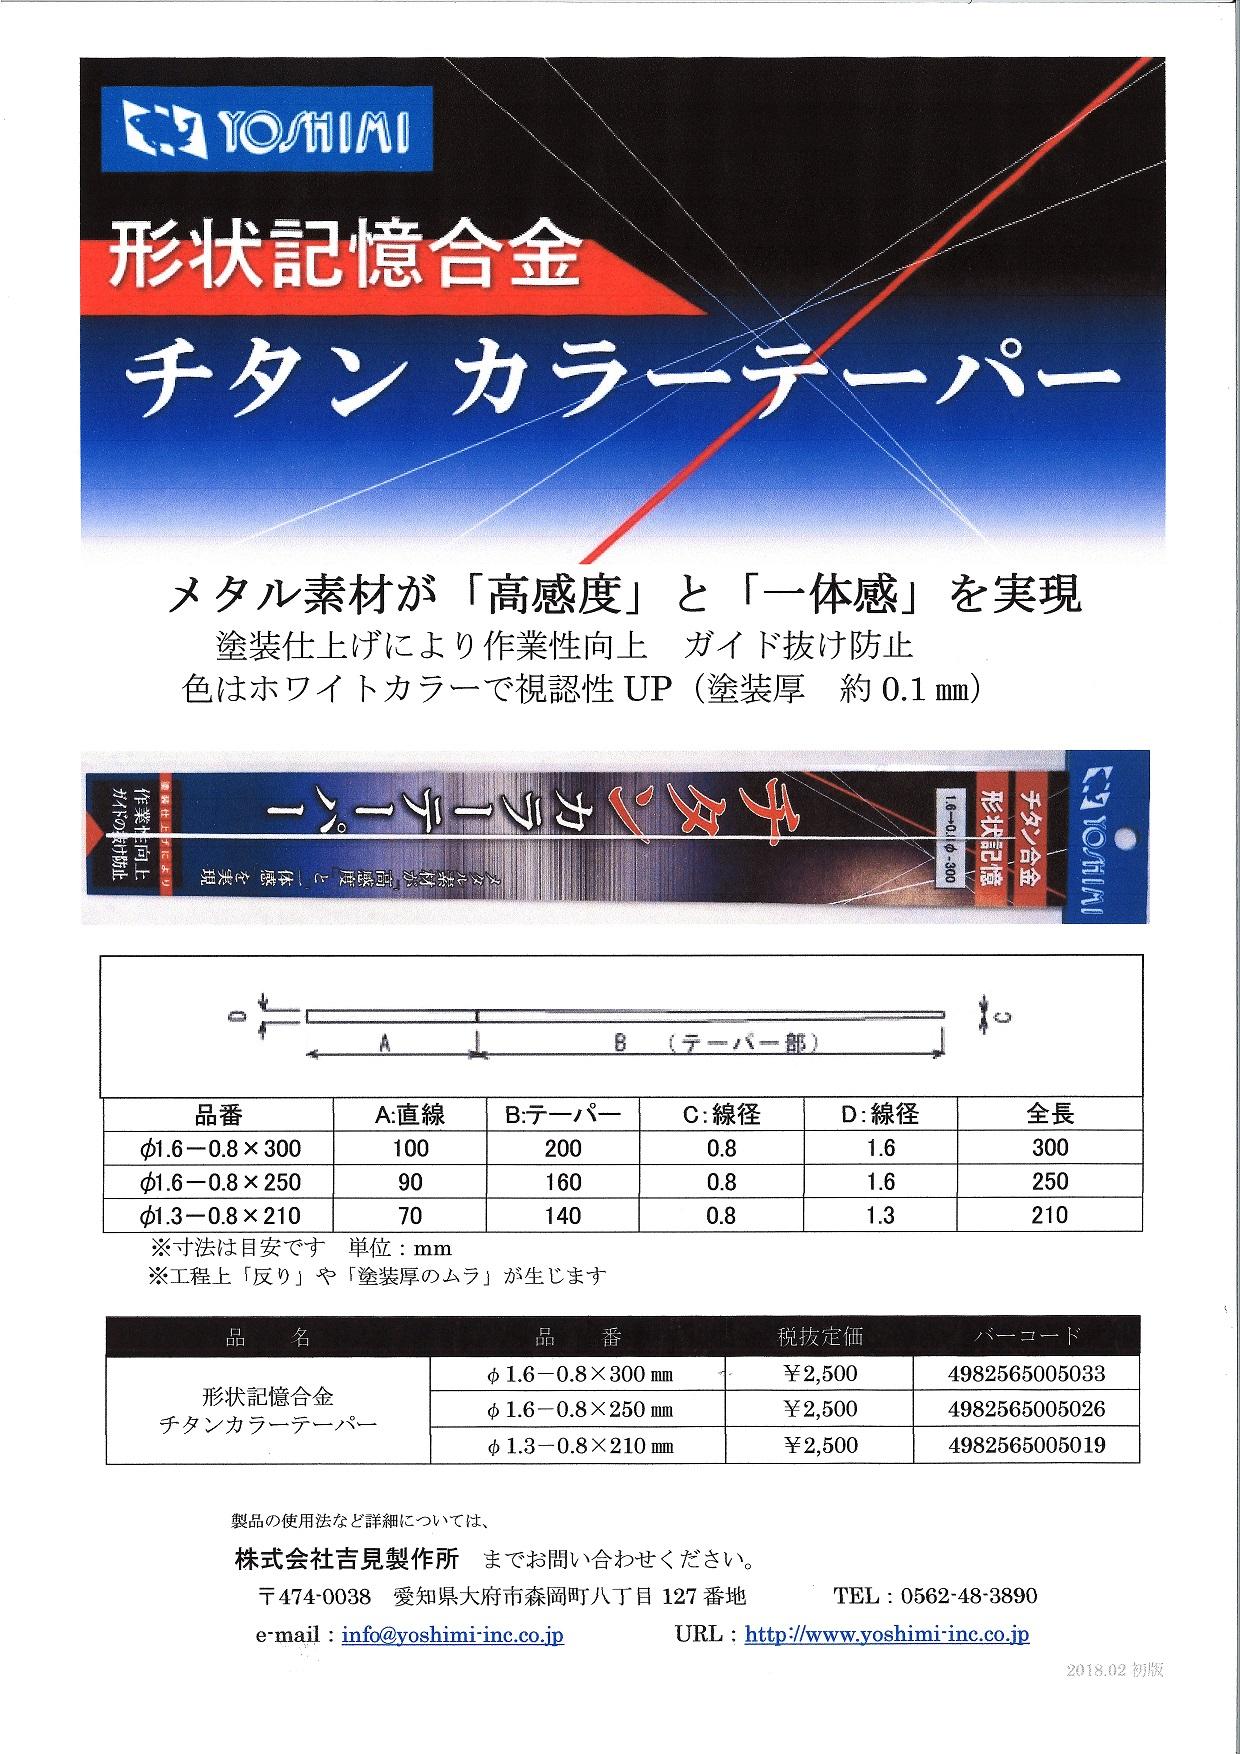 チタンカラーテーパー φ1.3-0.8×210